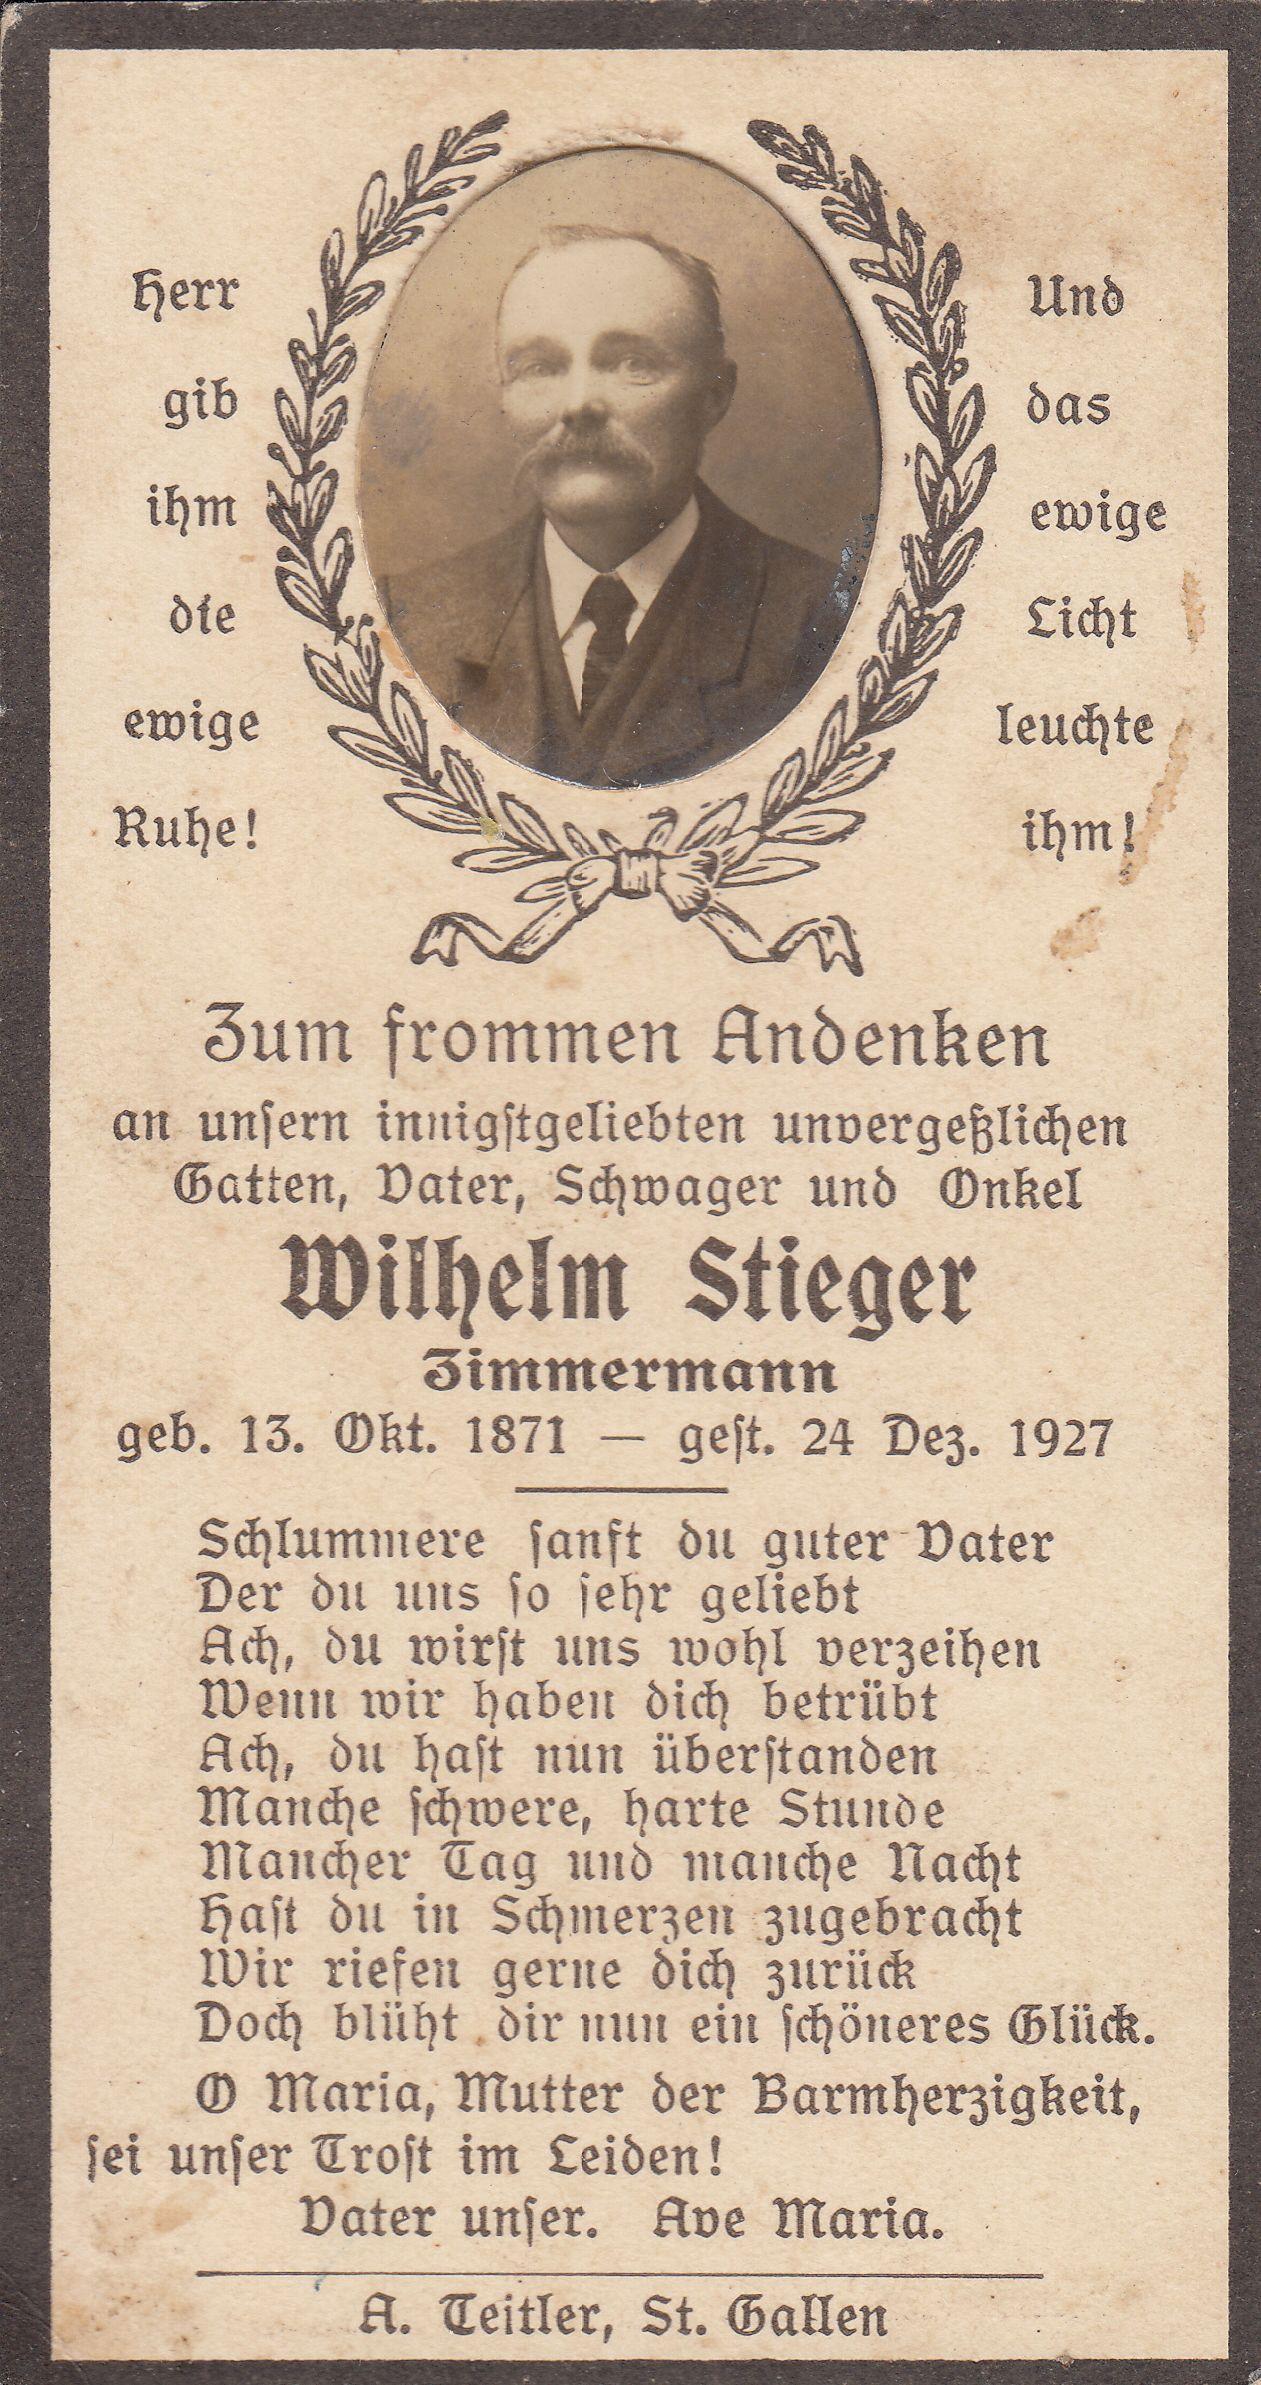 Wilhelm Stieger (1871-1927)